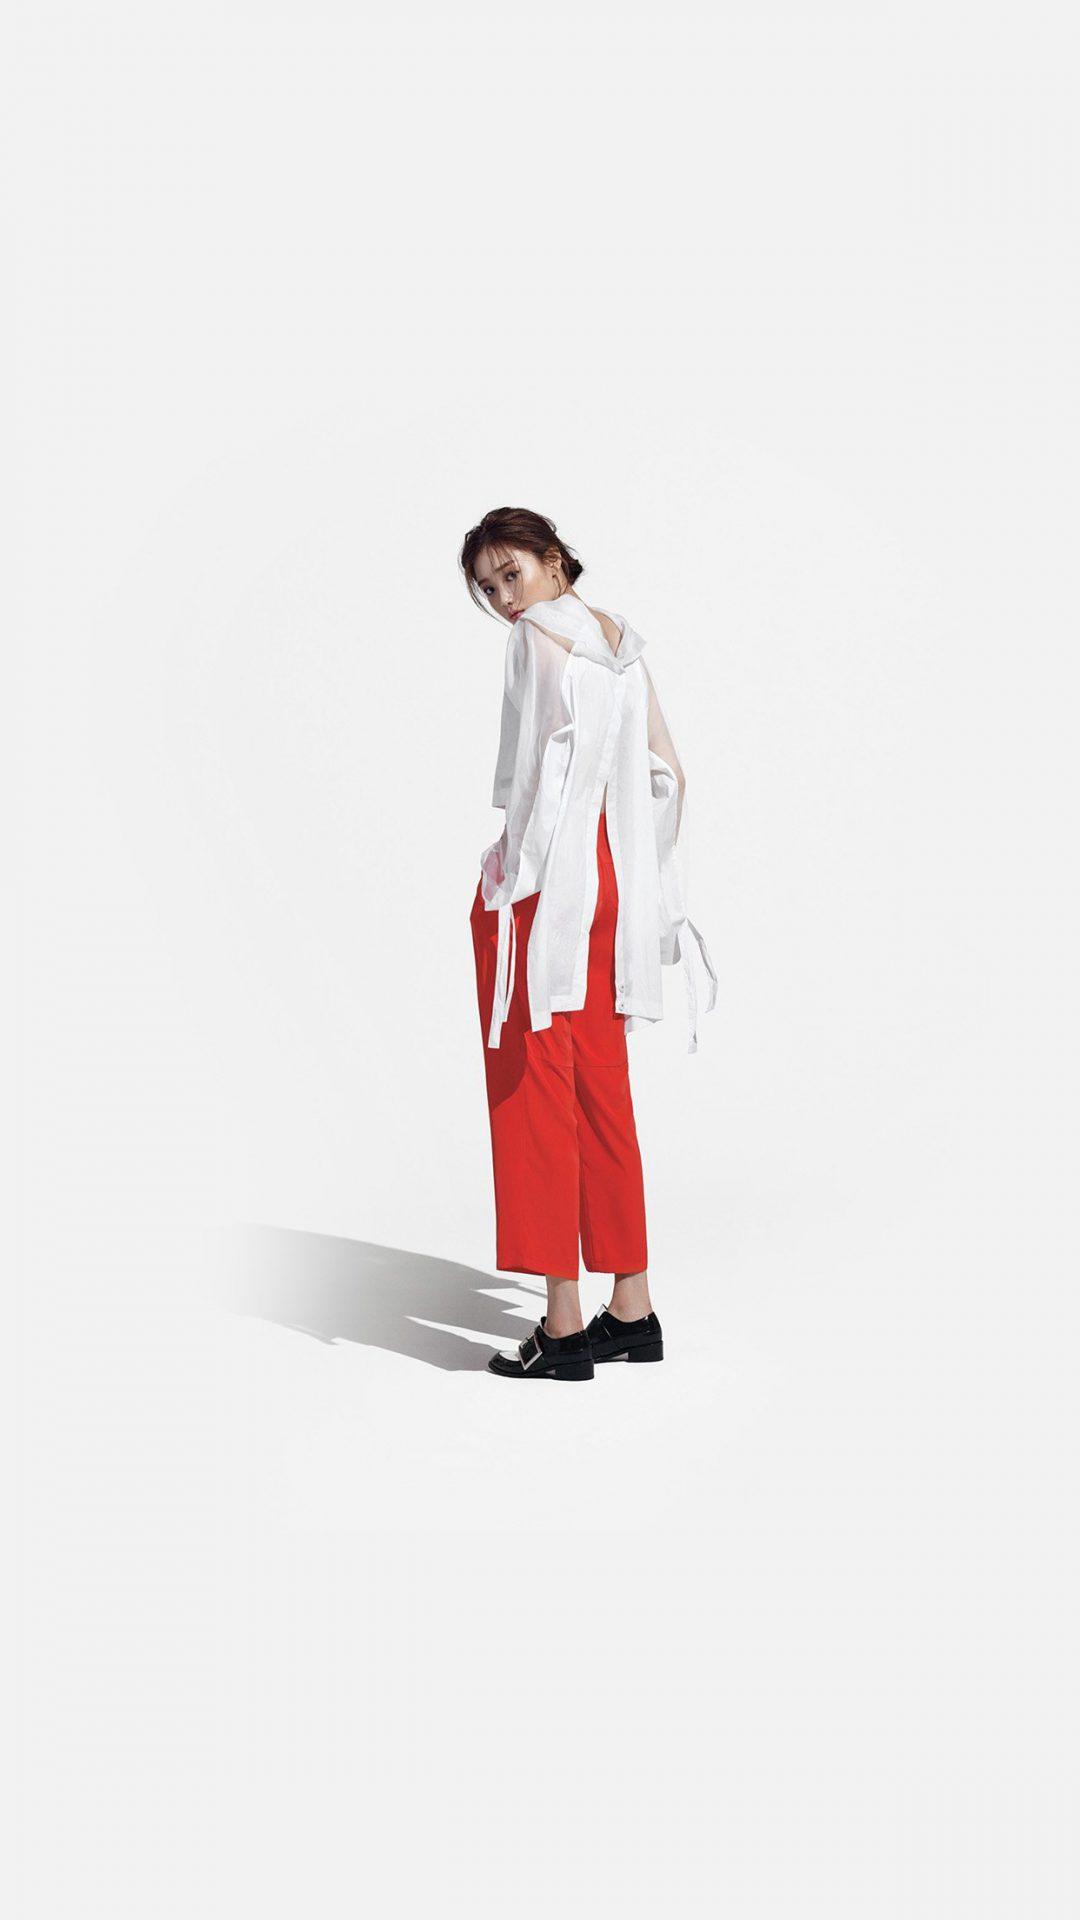 Kpop Sungkyung Model White